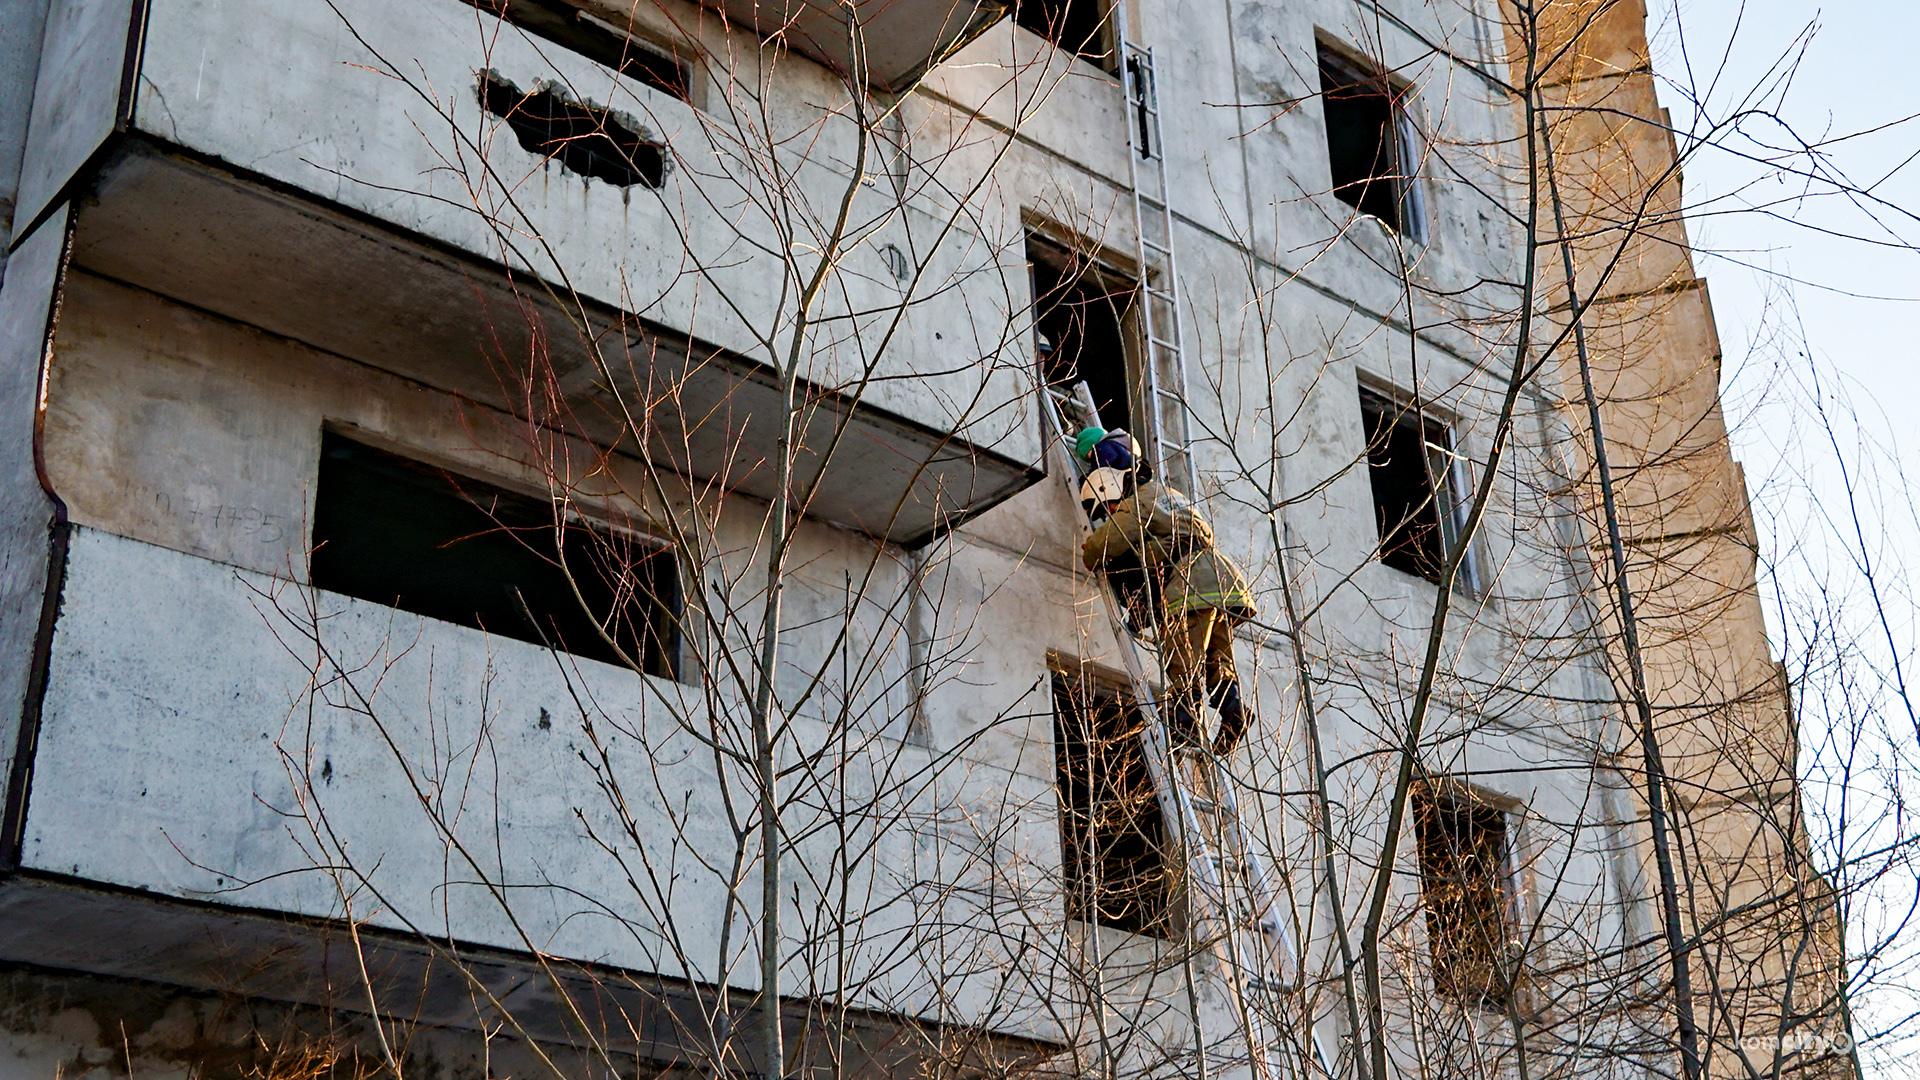 Из недостроенной многоэтажки в Комсомольске-на-Амуре эвакуировали застрявших после обрушения лестницы людей